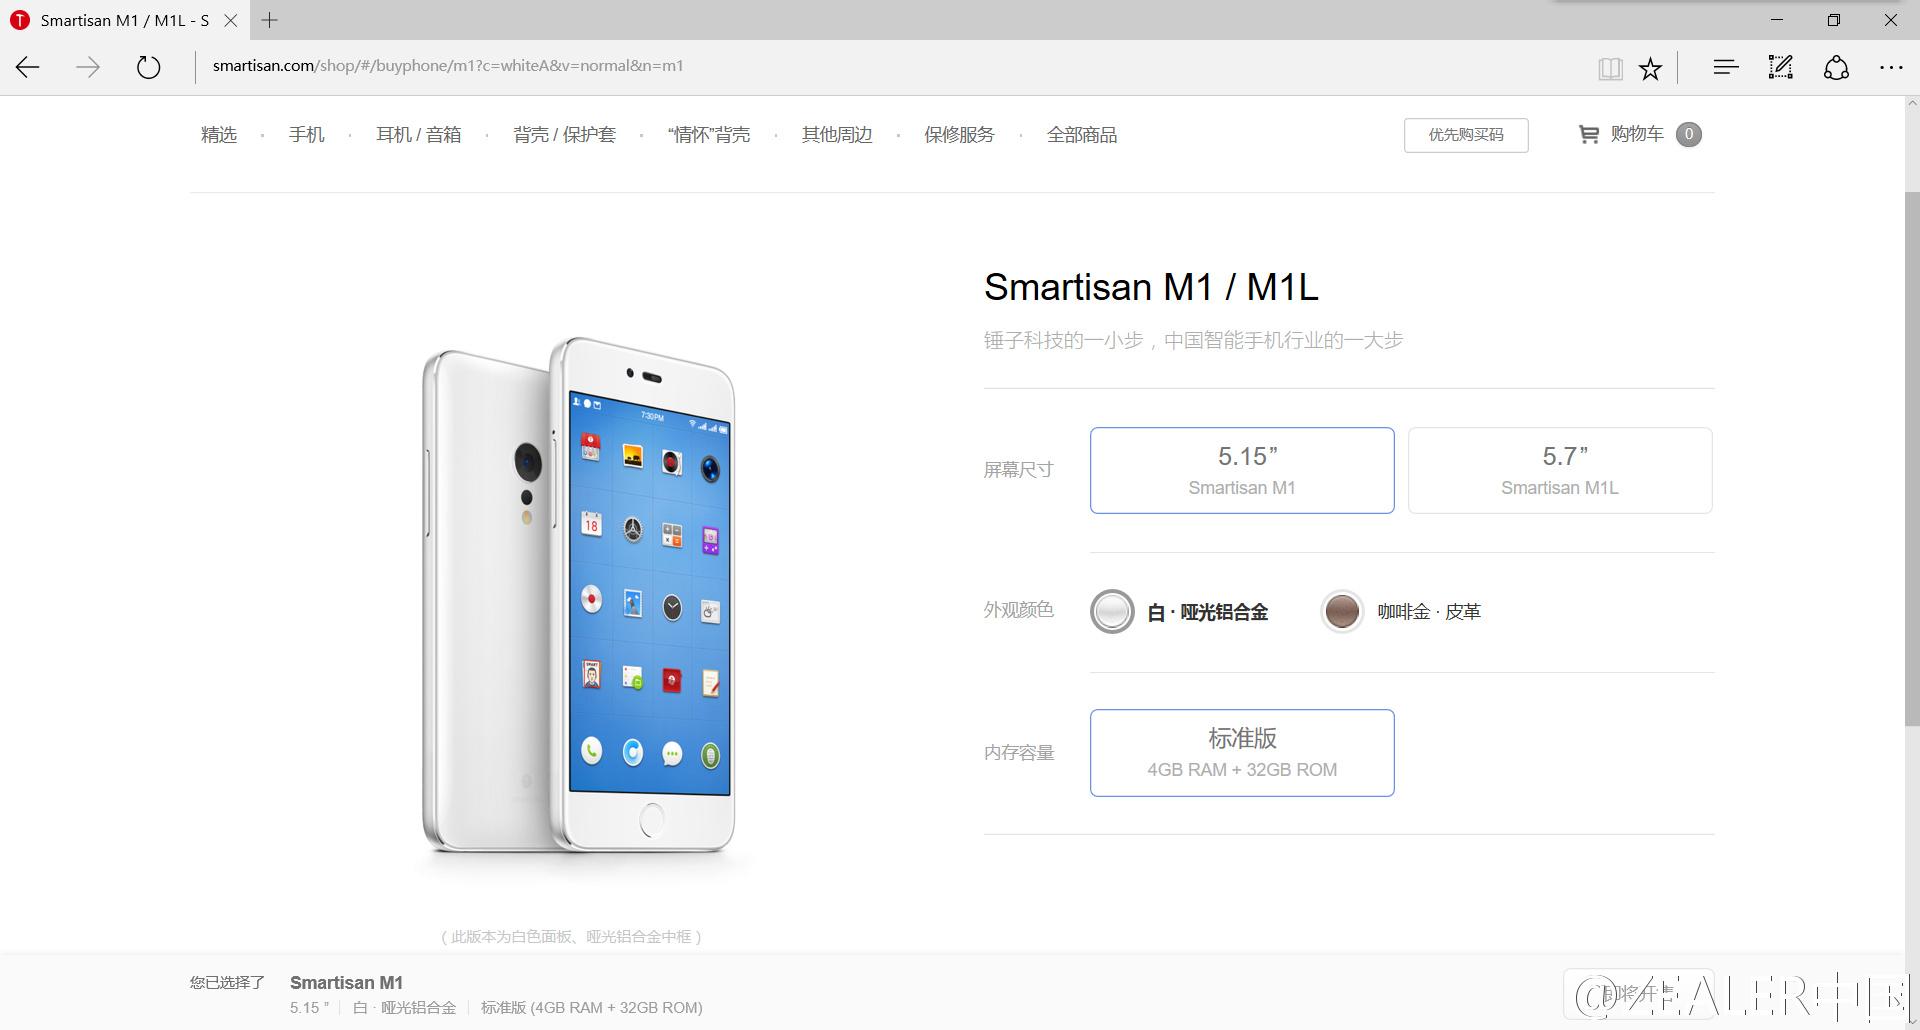 smartisan-m1l-6